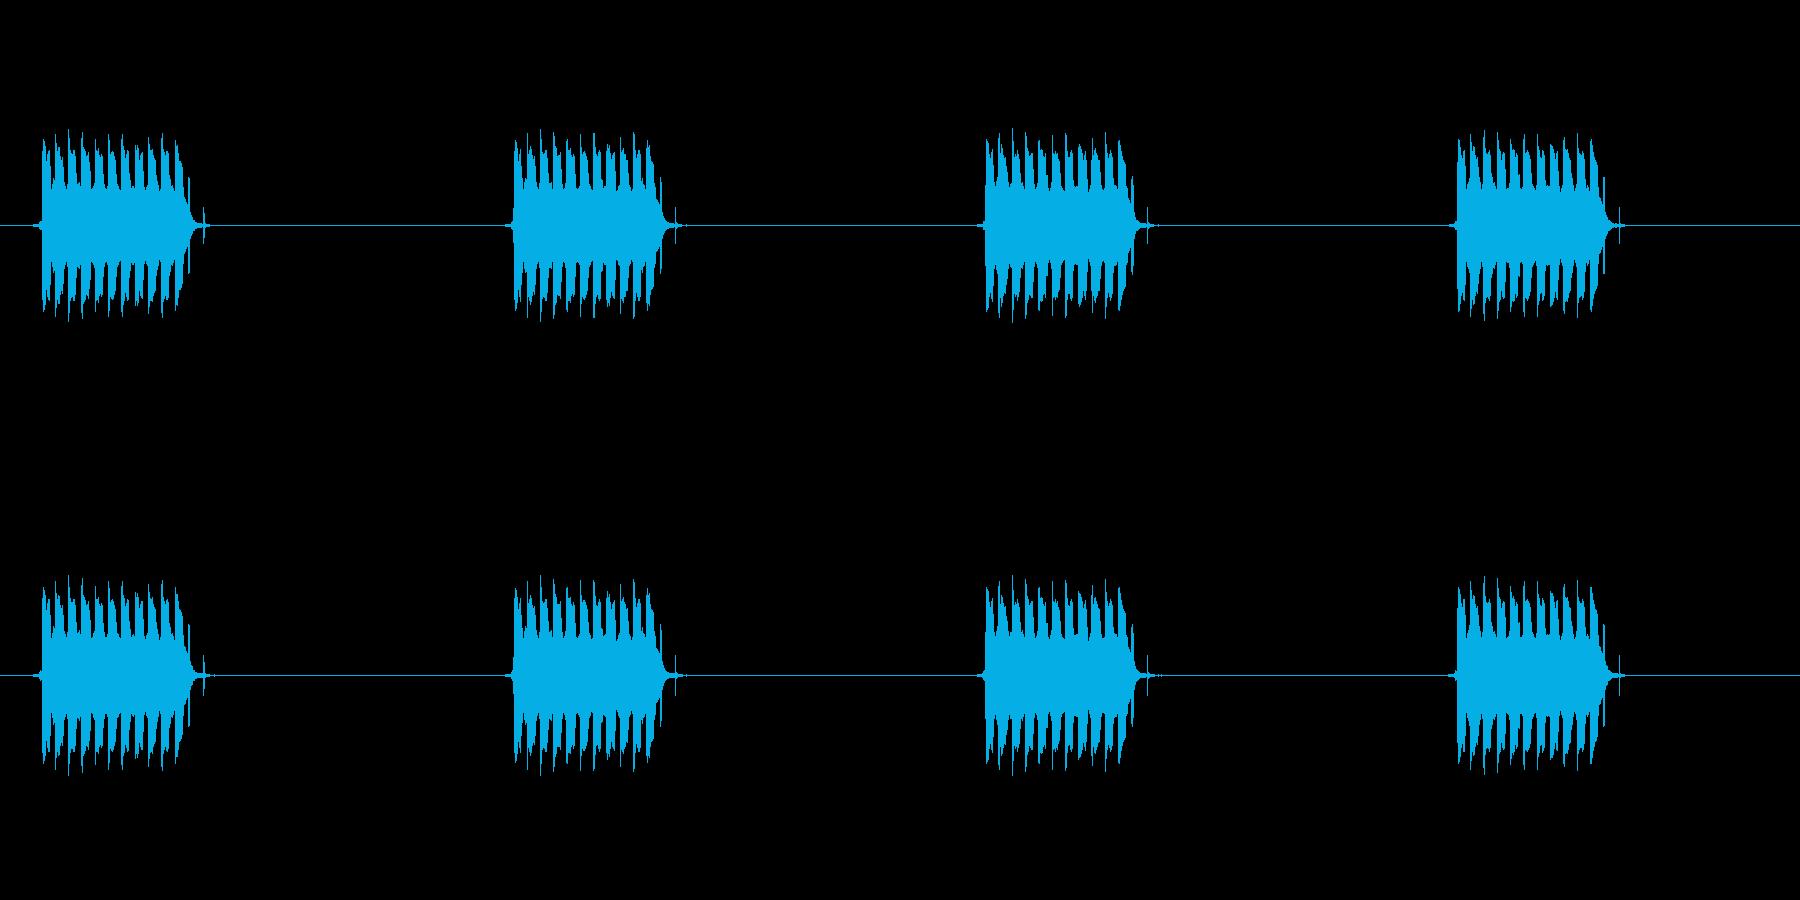 プルルルルル!電話のアラーム音の再生済みの波形